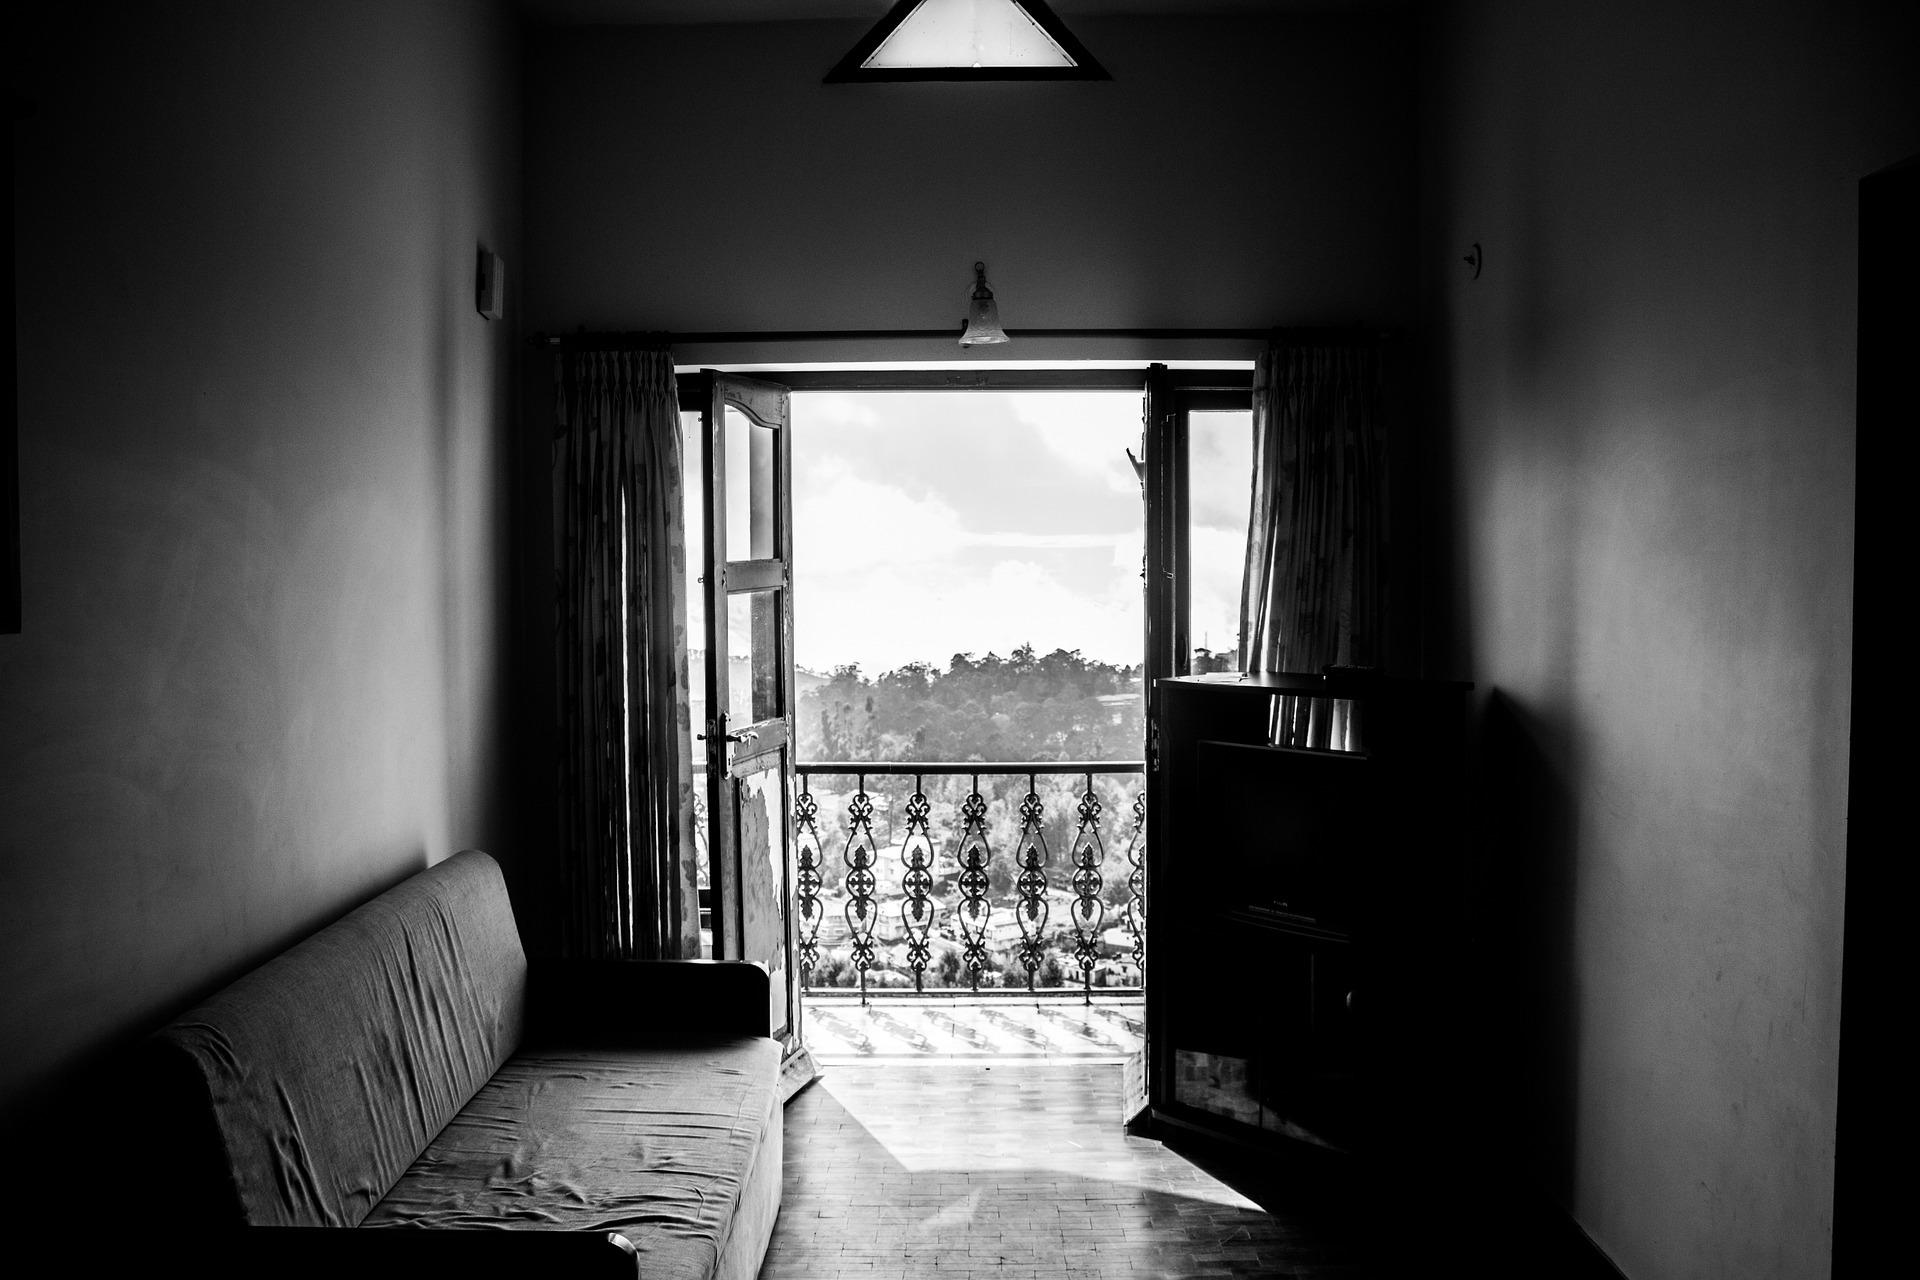 中古不動産のマンション購入時におさえるポイントと必要費用 小島理恵